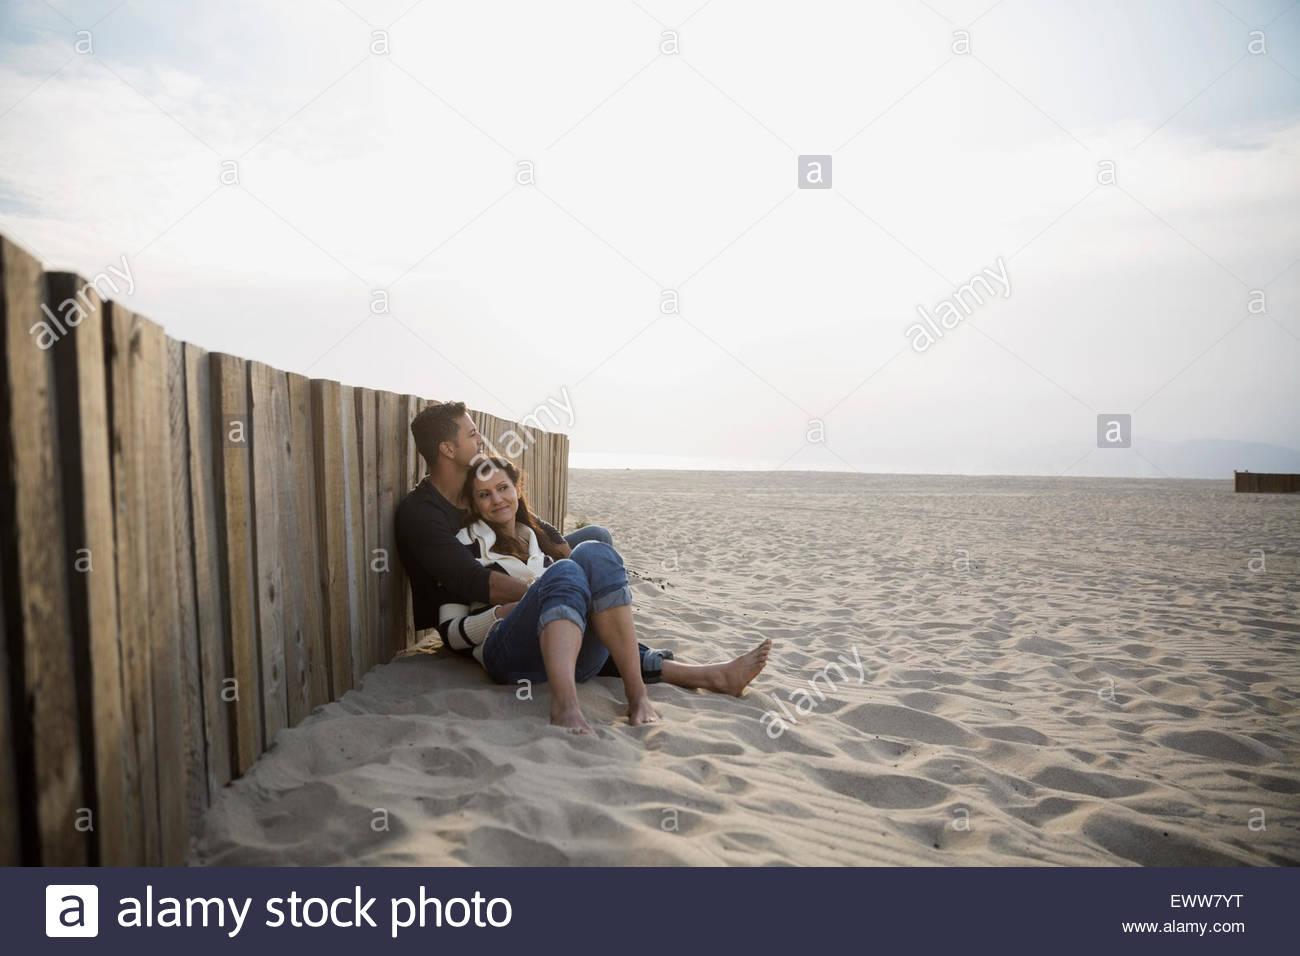 Afectuoso par relajándose en la playa muro Imagen De Stock